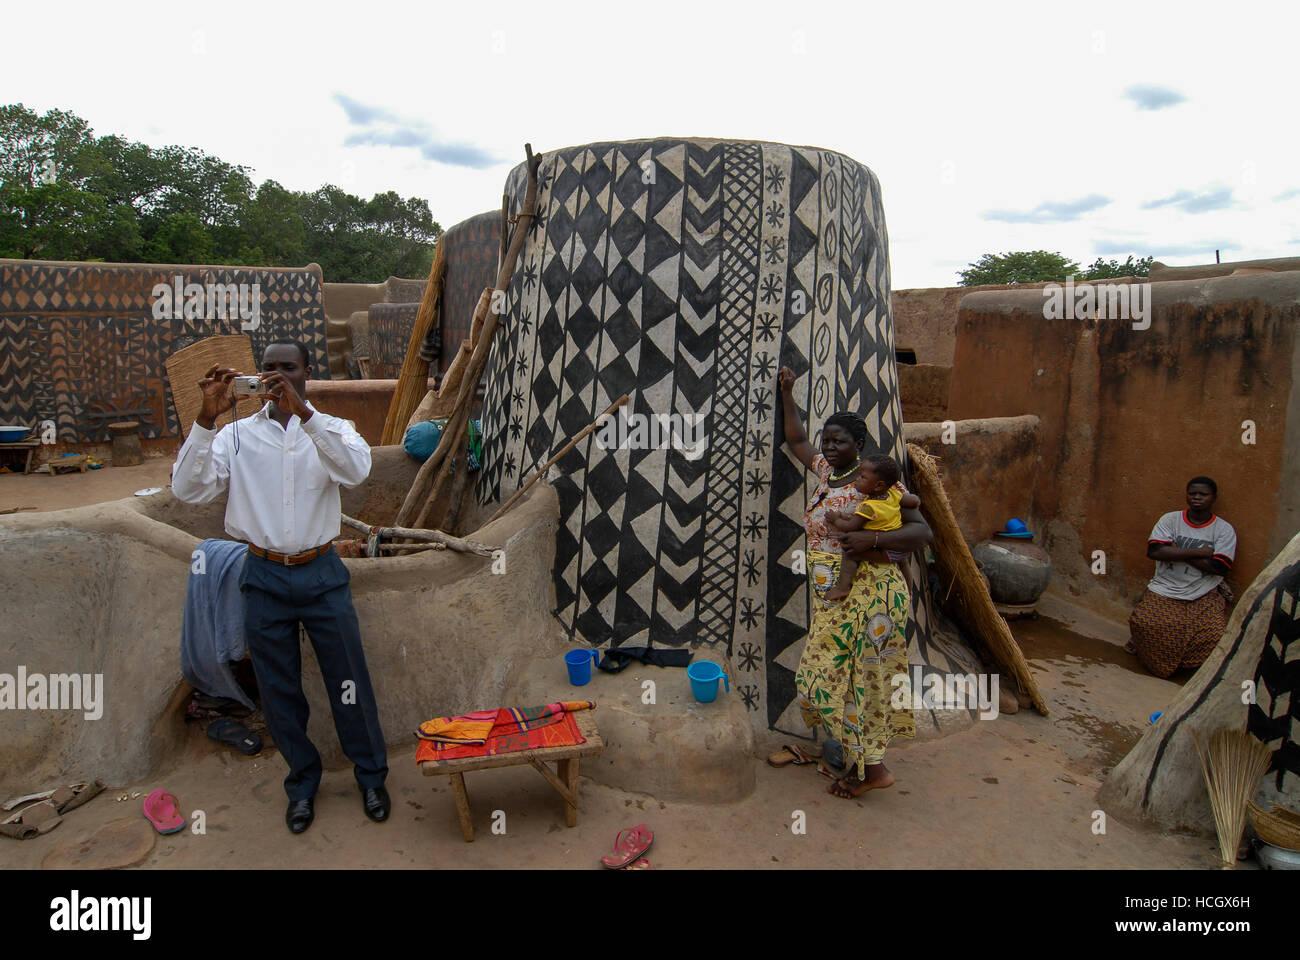 Burkina Faso, Po, Dorf tiebele der kassena Stamm, Lehmhütten mit geometrischen lackiert schwarz-weisse Muster/Dorf Stockbild